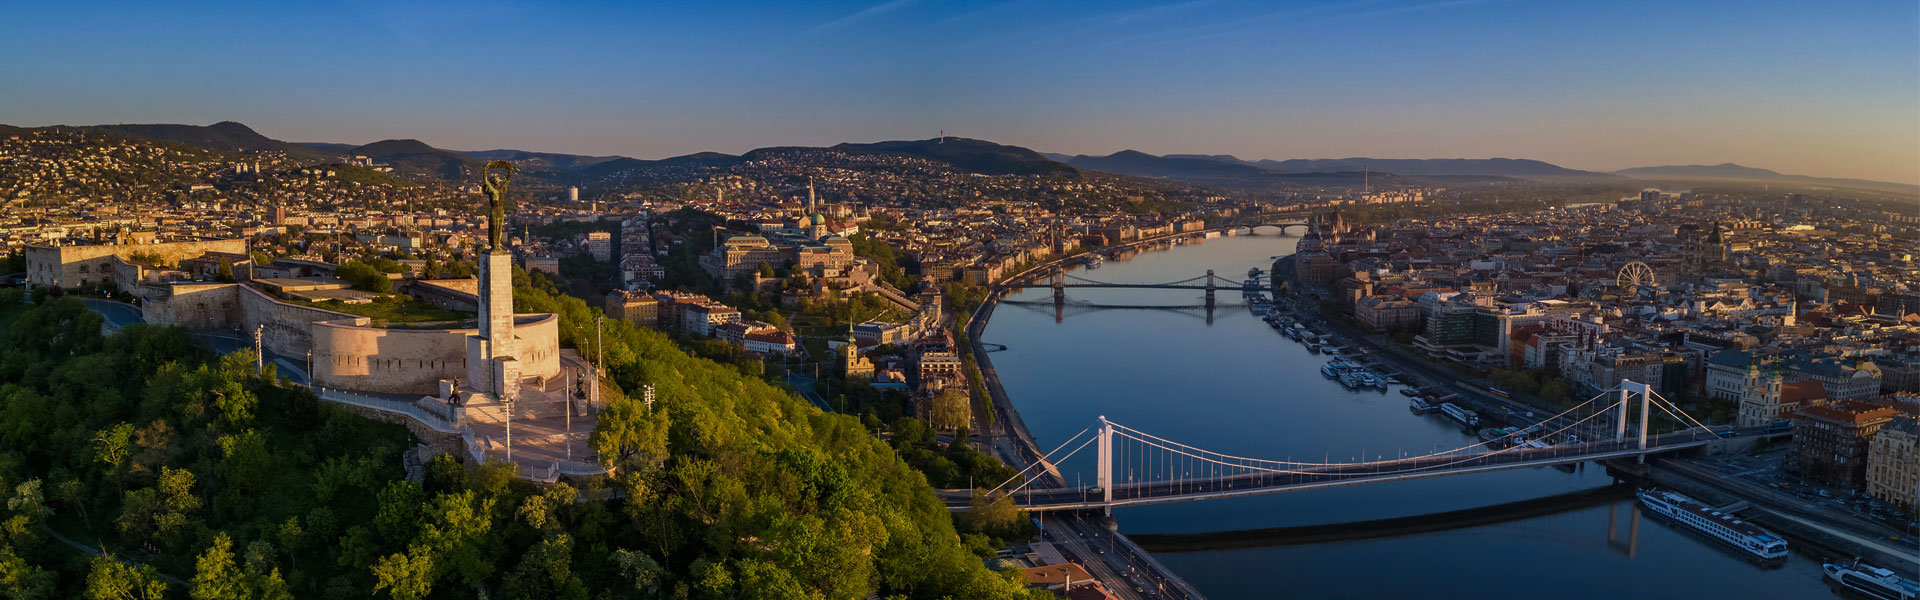 kilátással a budapesti erődre és a duna-folyóra